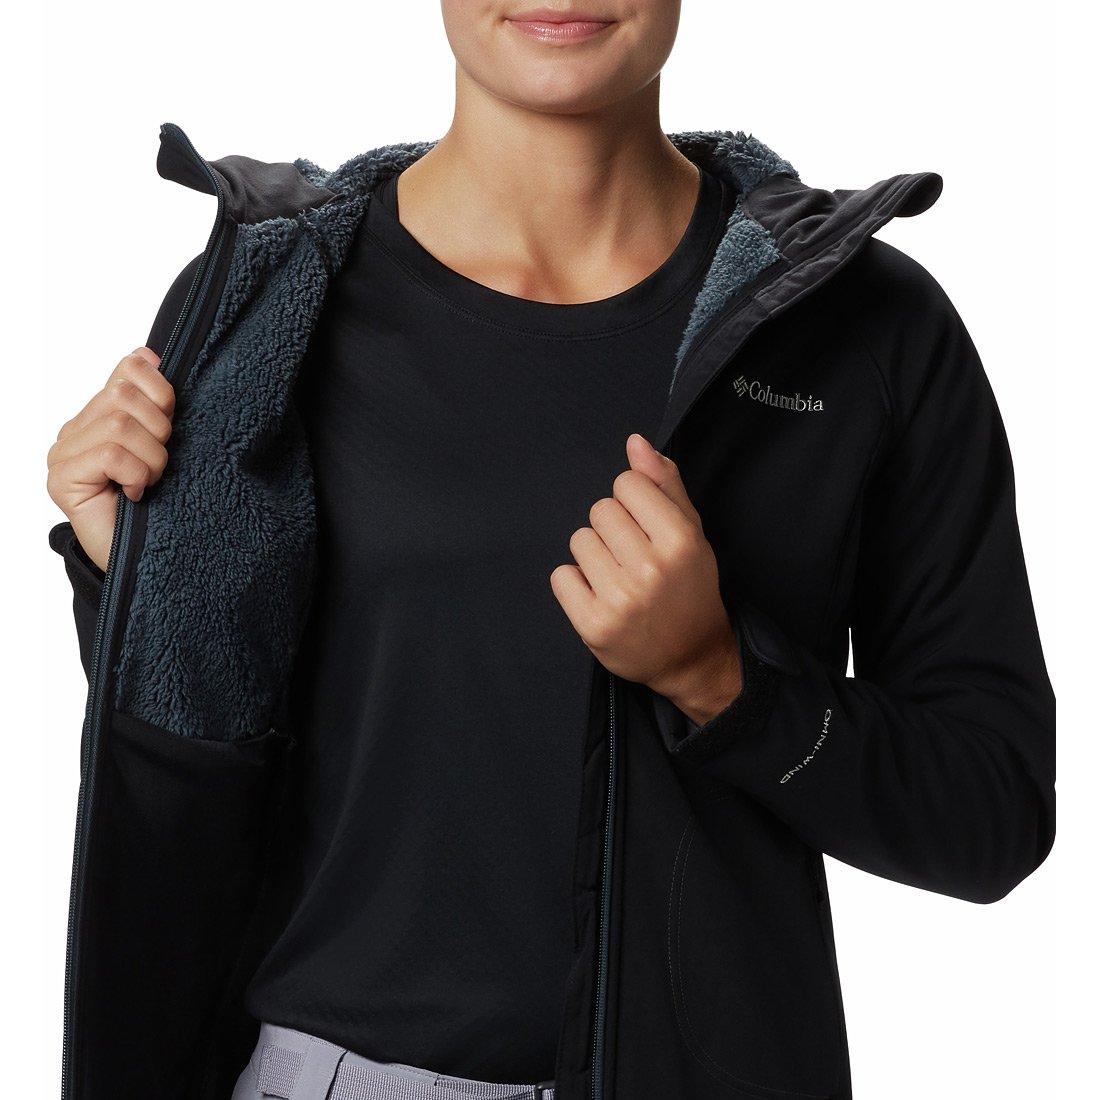 מעיל סופטשל לנשים - Phurtec II Softshell - Columbia